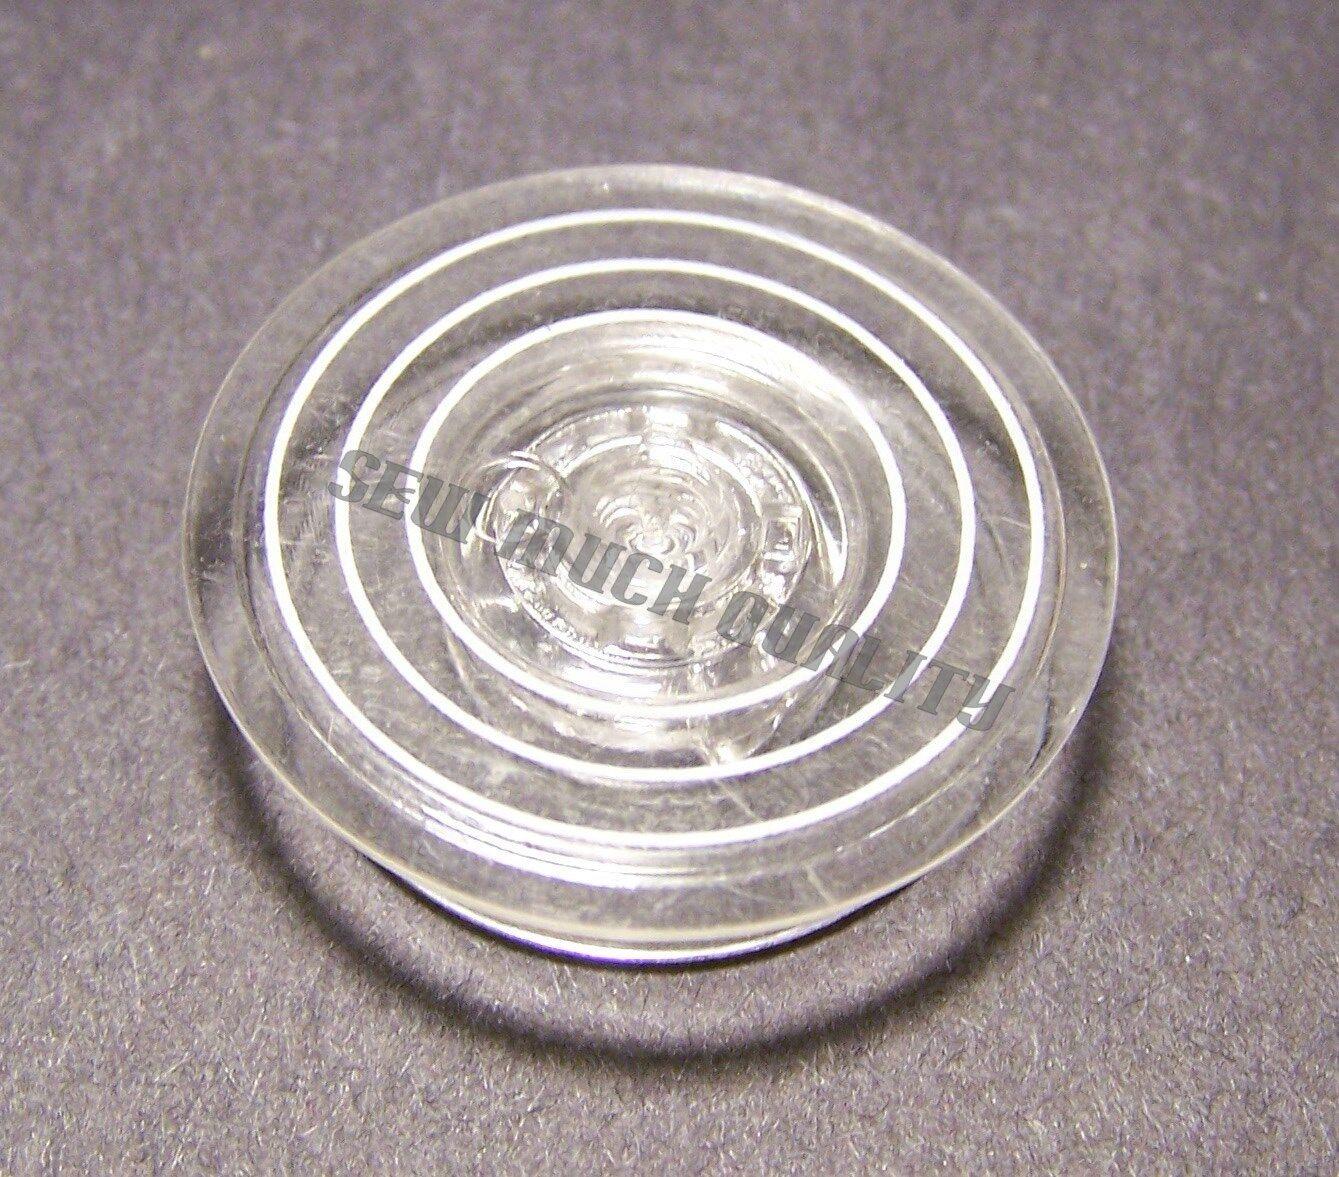 Spulenbox incl 32 bobines convient pour AEG Newlife pfaff-machine à coudre GRITZNER